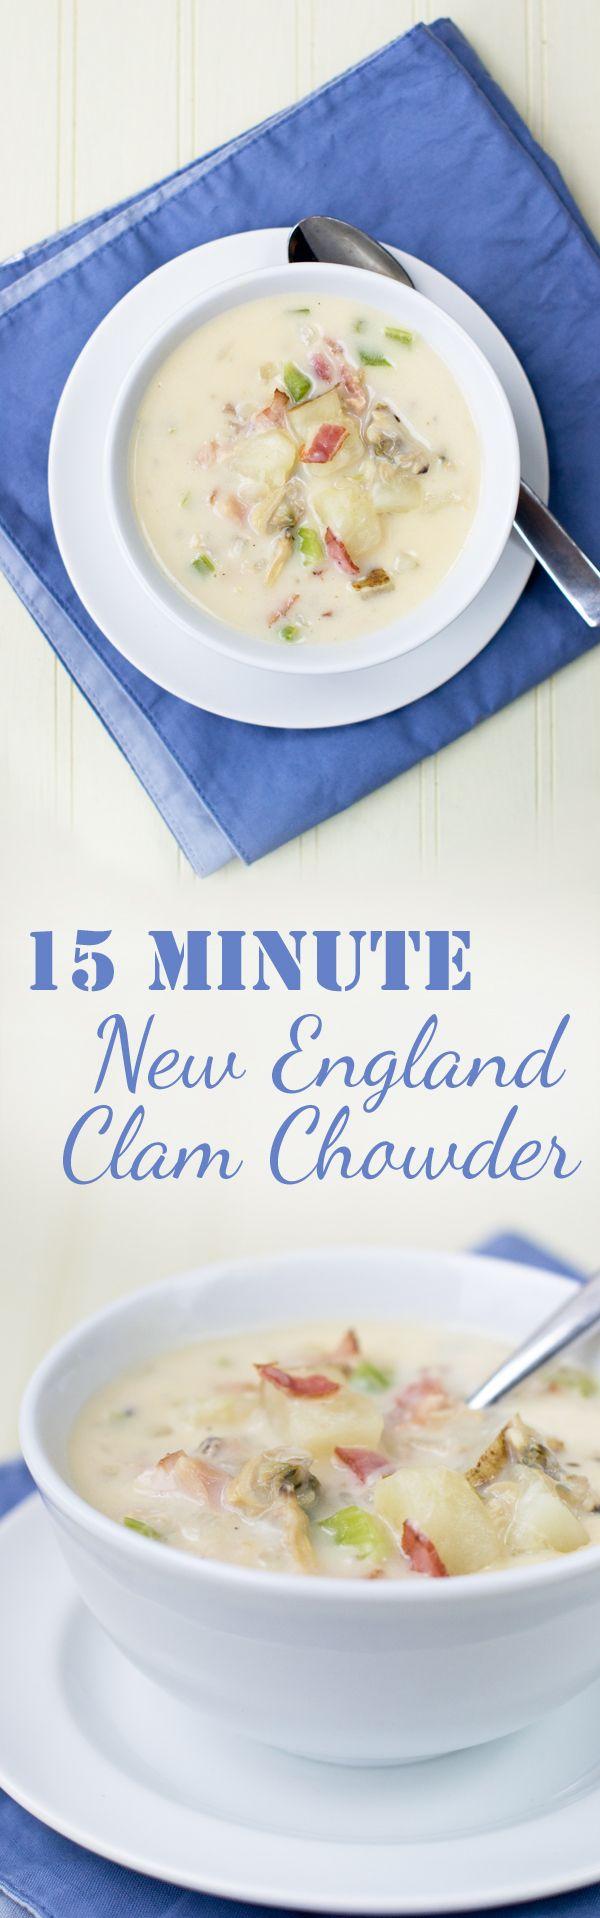 15-Minute Homemade New England Clam Chowder recipe